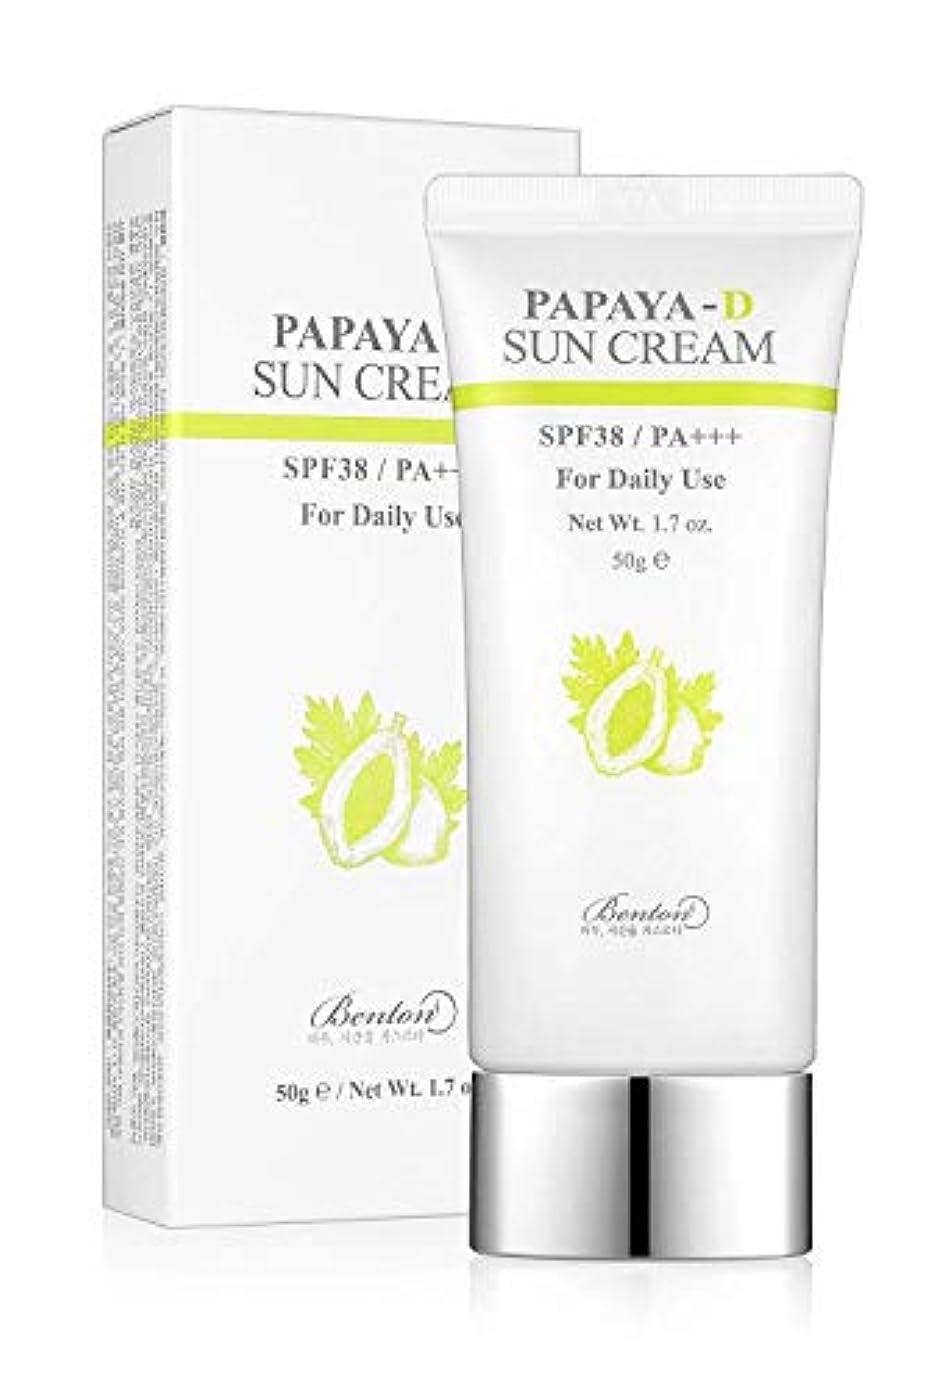 学者コンテンポラリーBENTON ベントン Papaya-D sun cream サンクリーム (50g) SPF38/PA+++ 韓国 日焼け止め